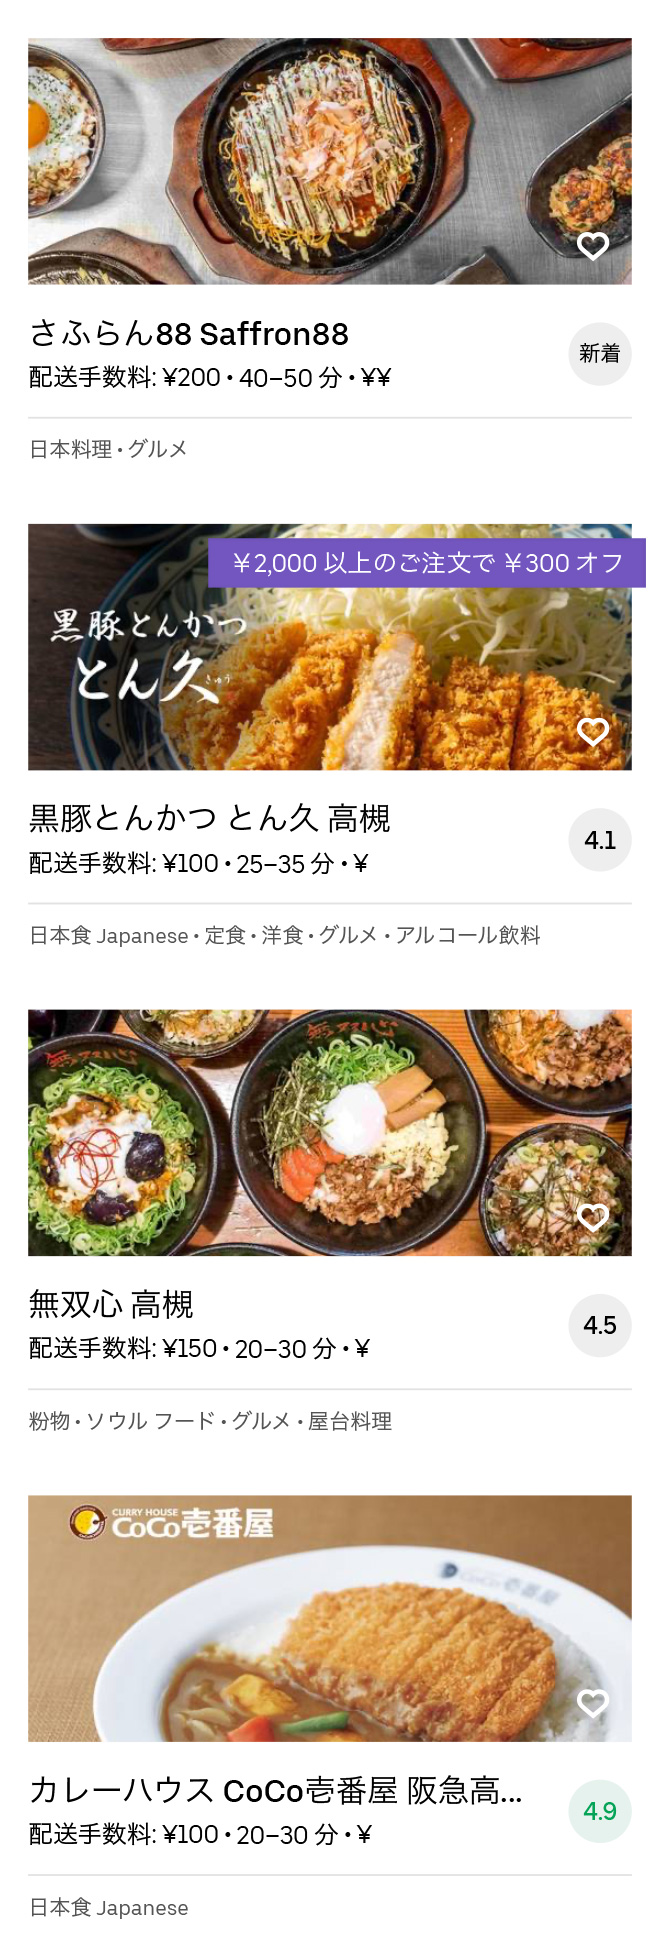 Takatsuki menu 2008 06